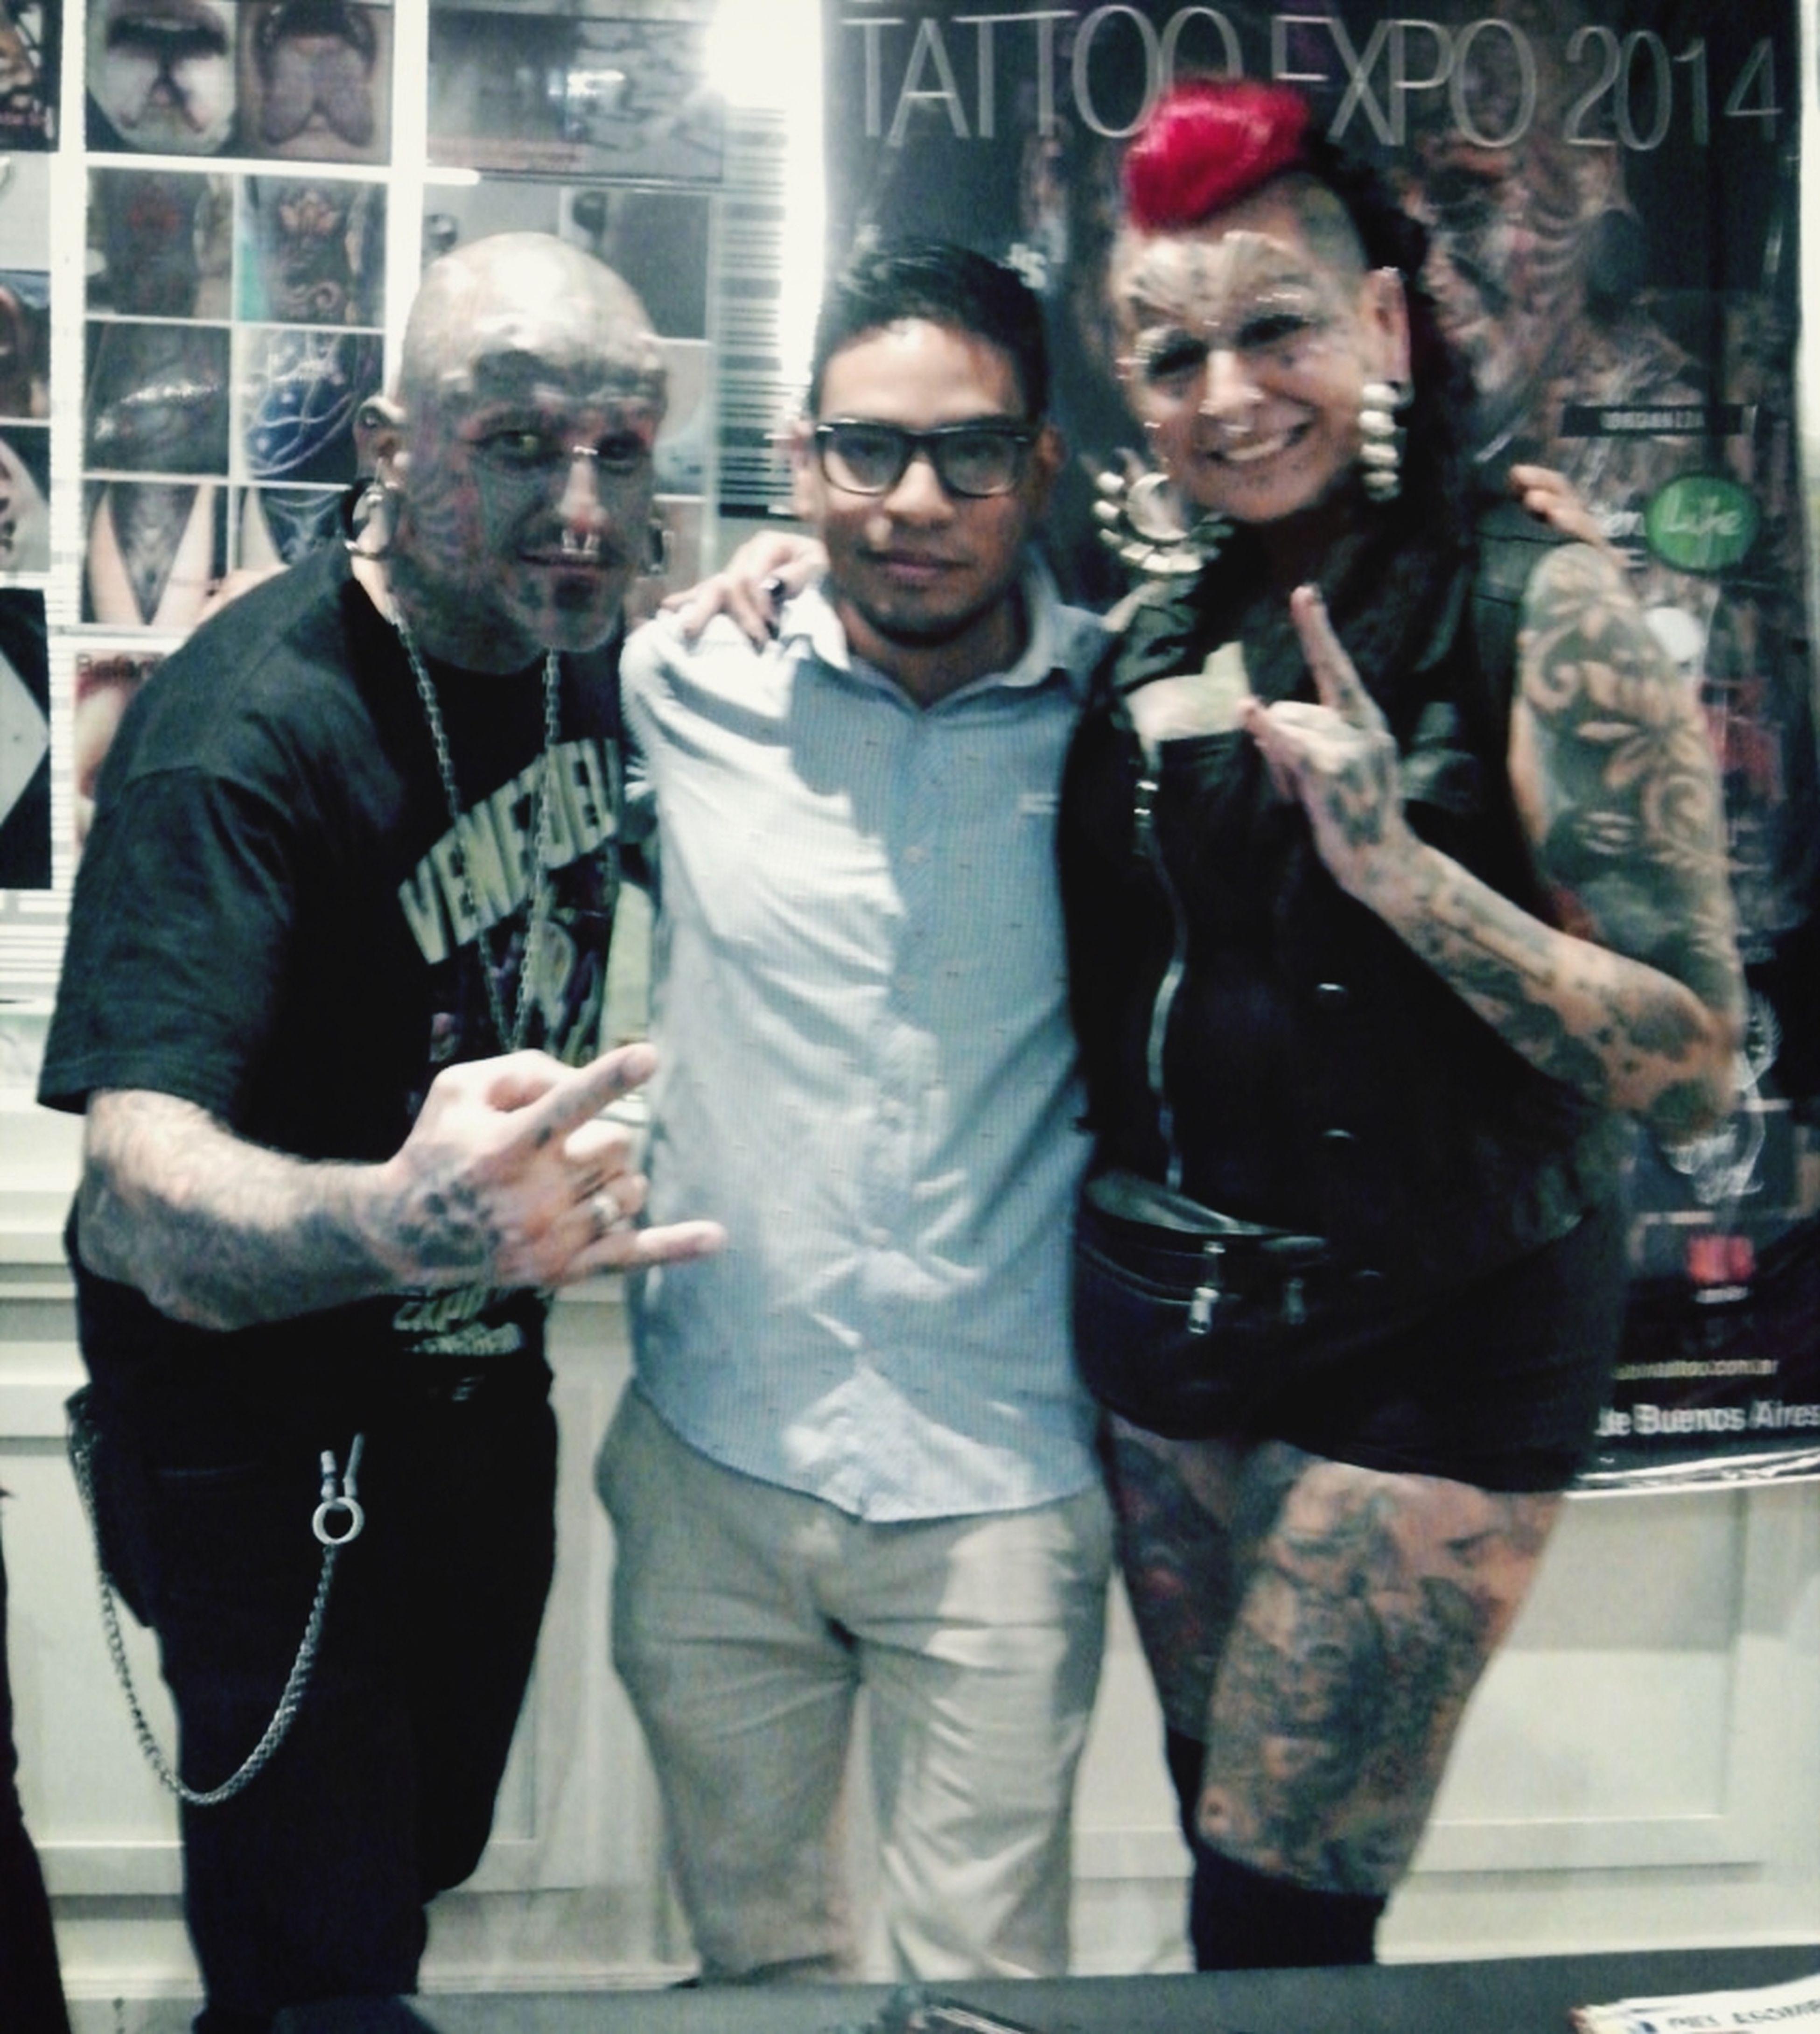 Tattoo Artist Convención Gabyperalta Victorperalta Tattoos